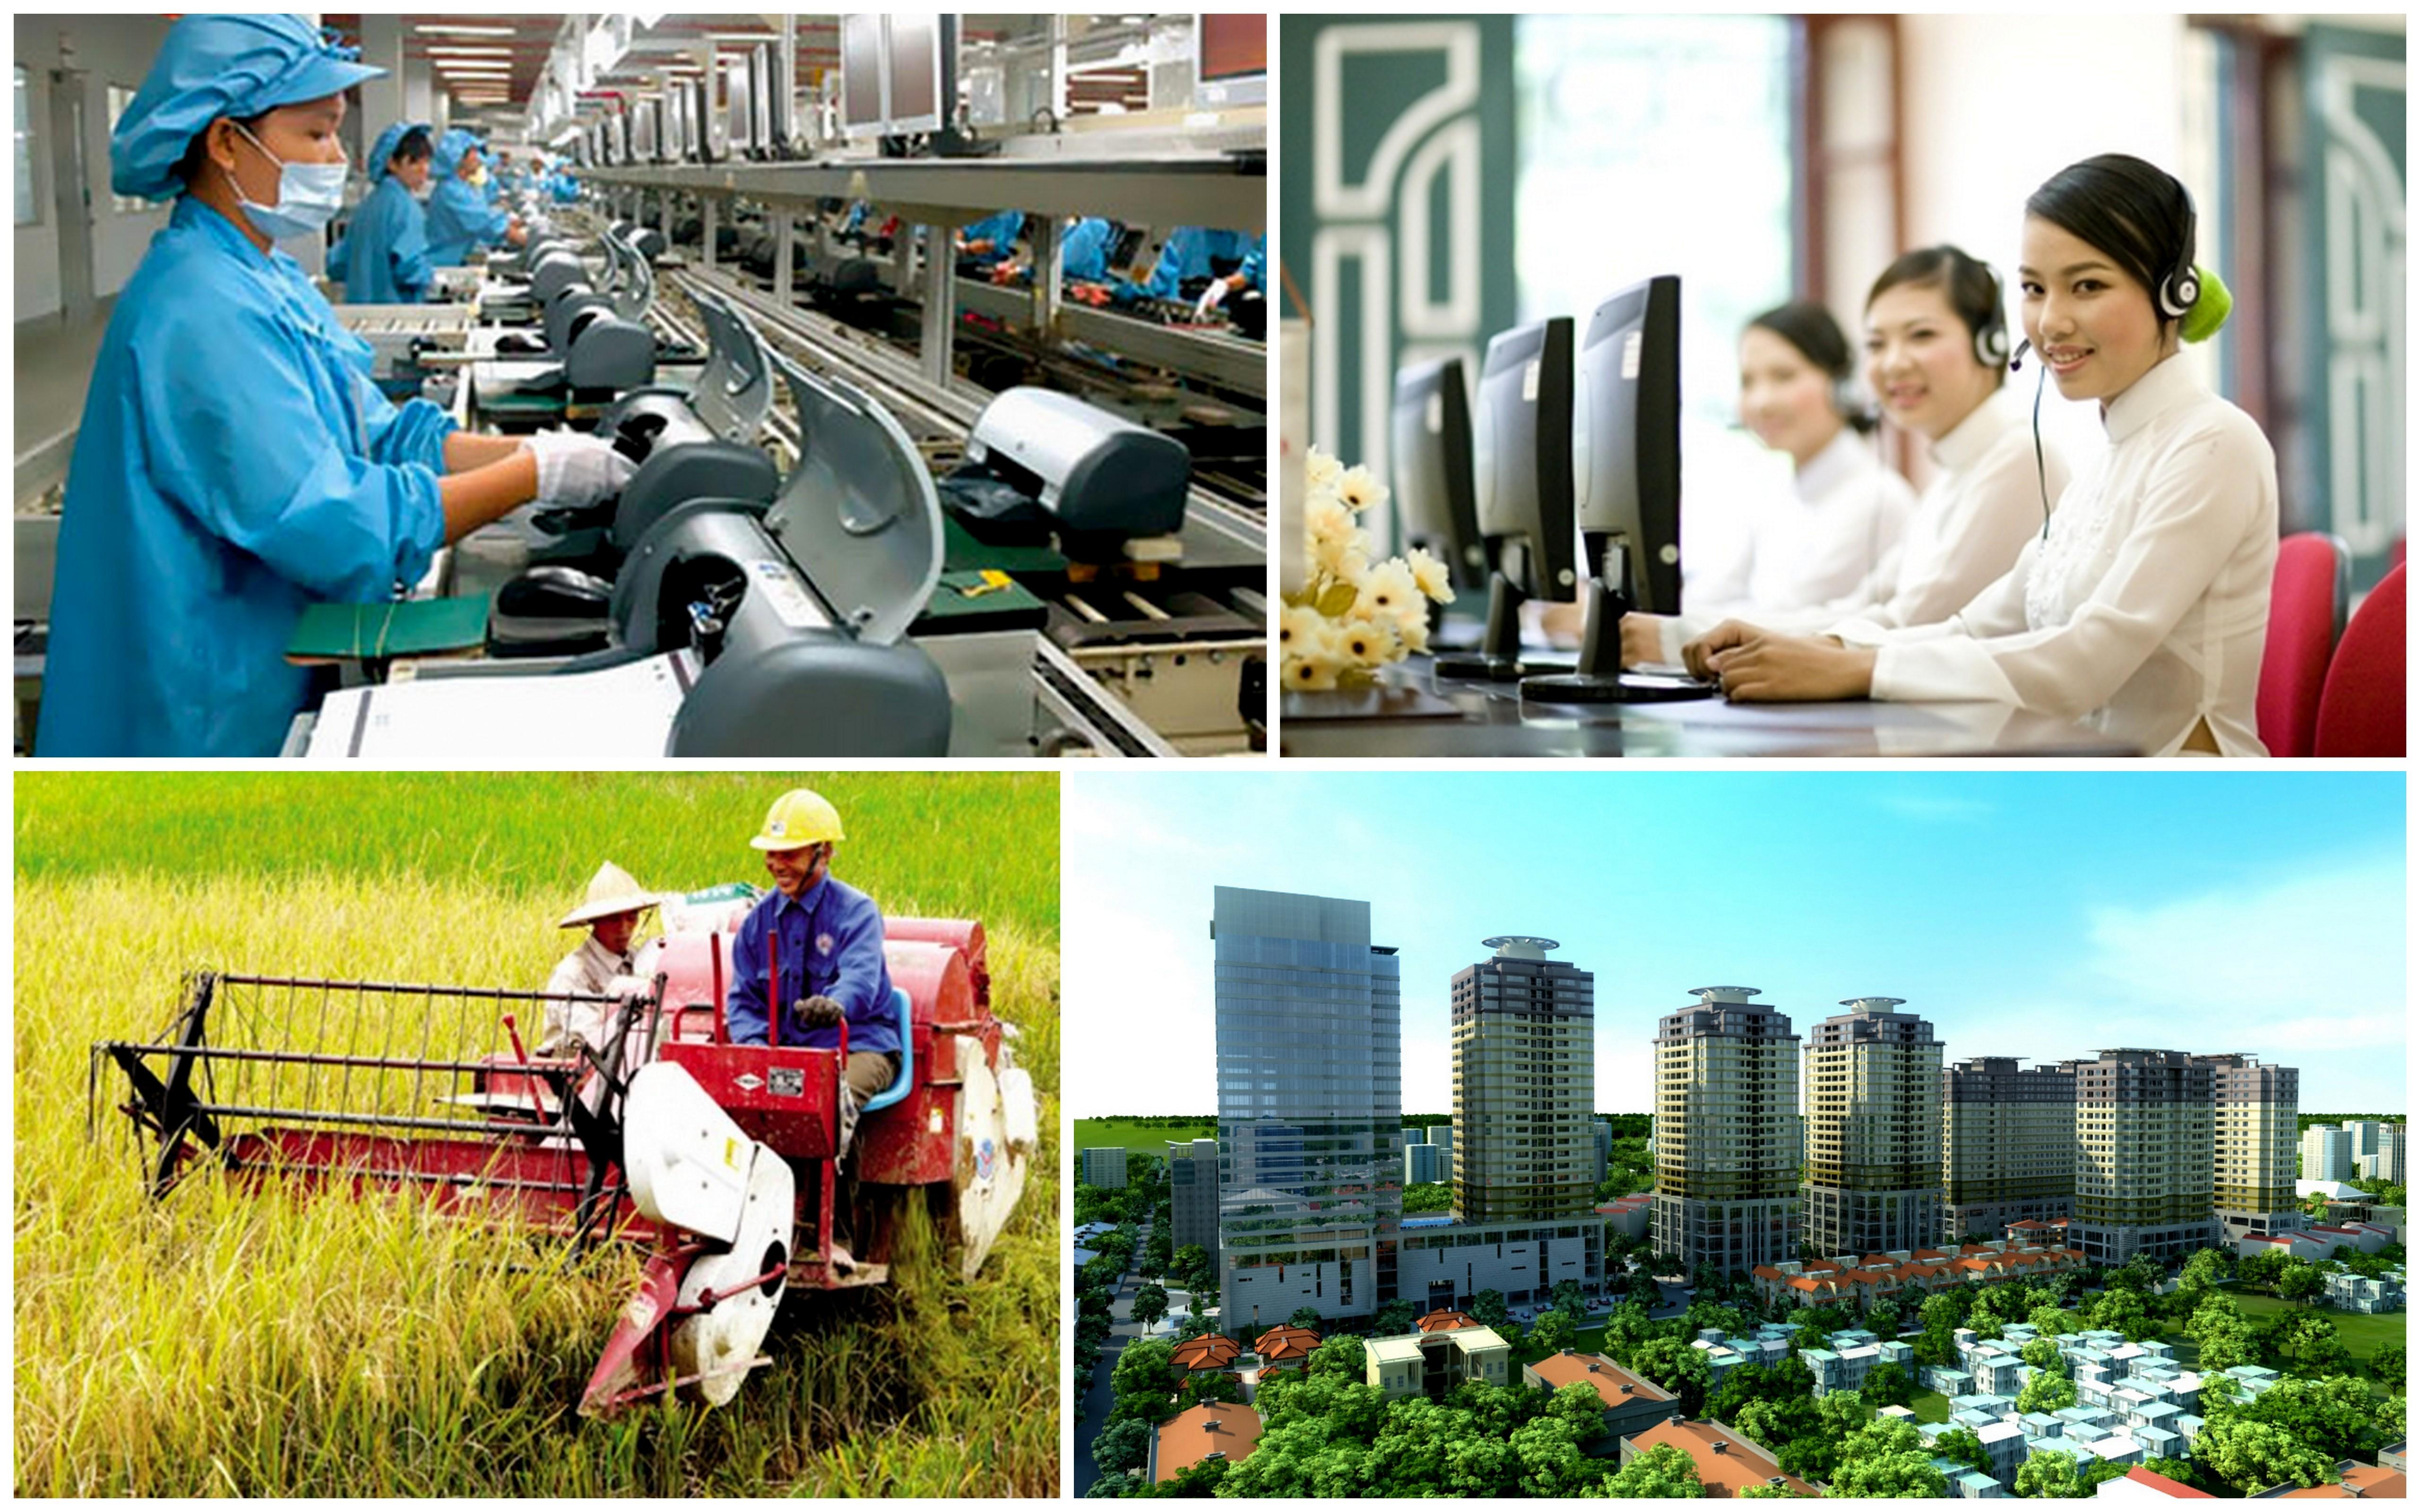 世界69个国家承认越南完全市场经济地位:力促贸易与投资的机会